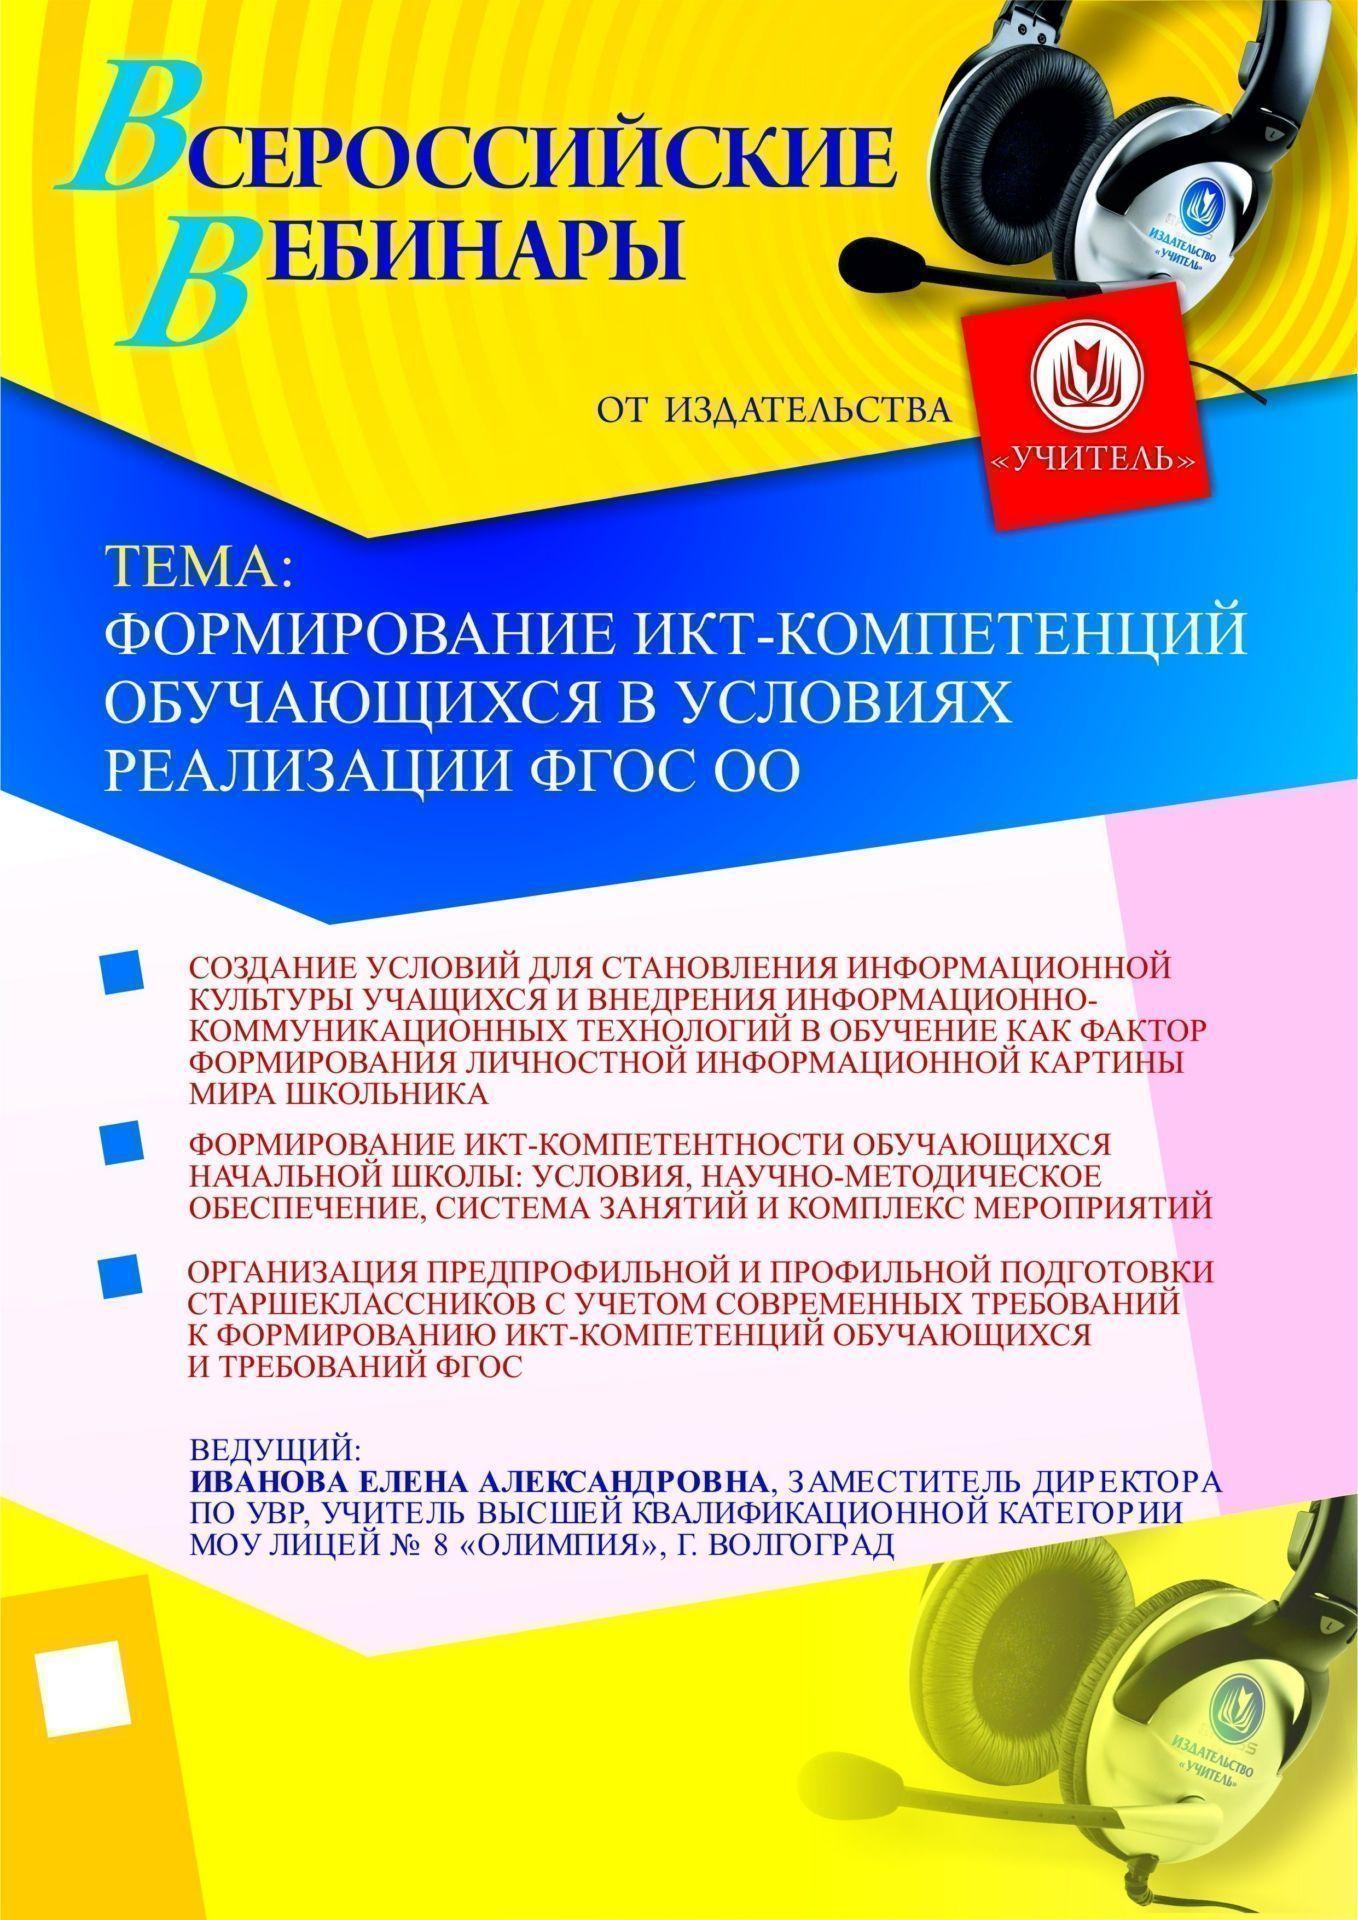 Формирование ИКТ-компетенций обучающихся в условиях реализации ФГОС ОО фото